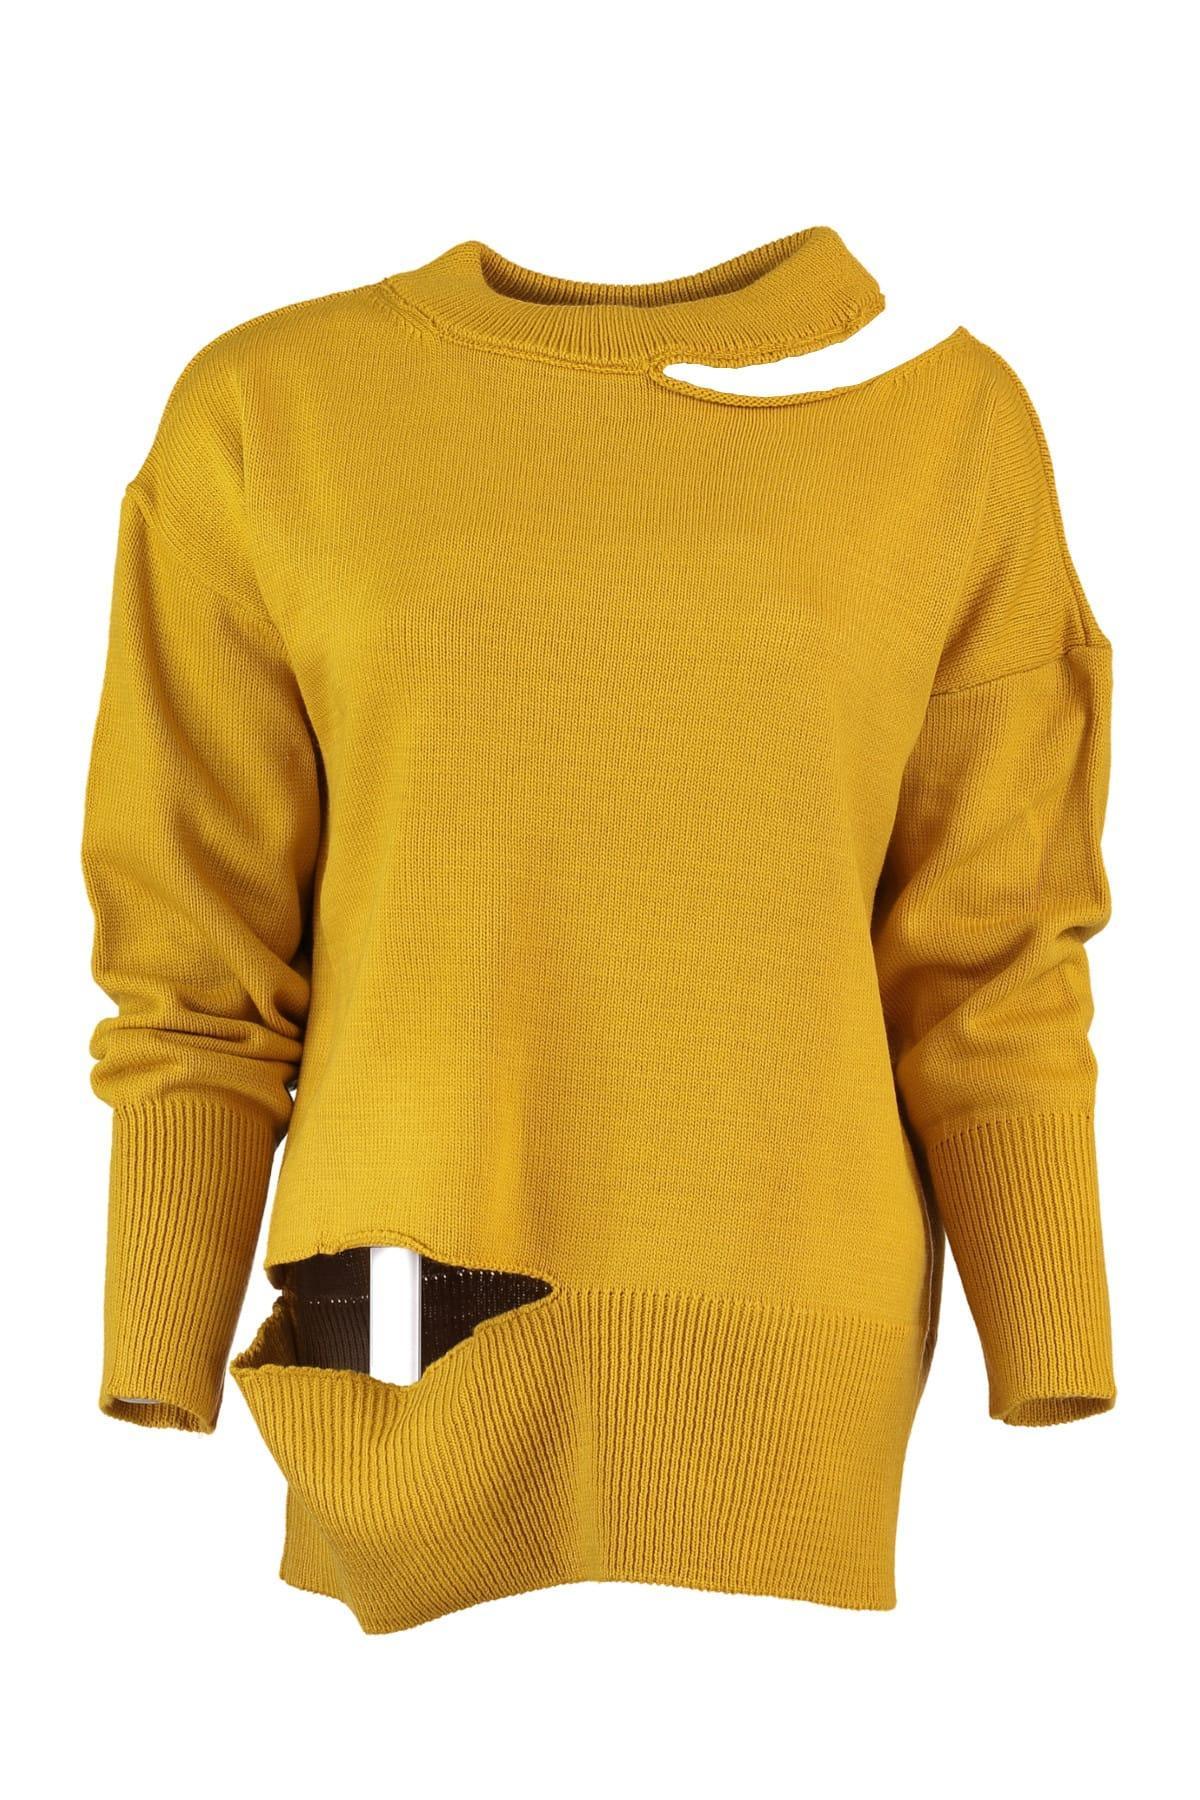 Trendyol WOMEN-Mustard Cut-out Detail Sweater Sweater TWOAW20DU0016